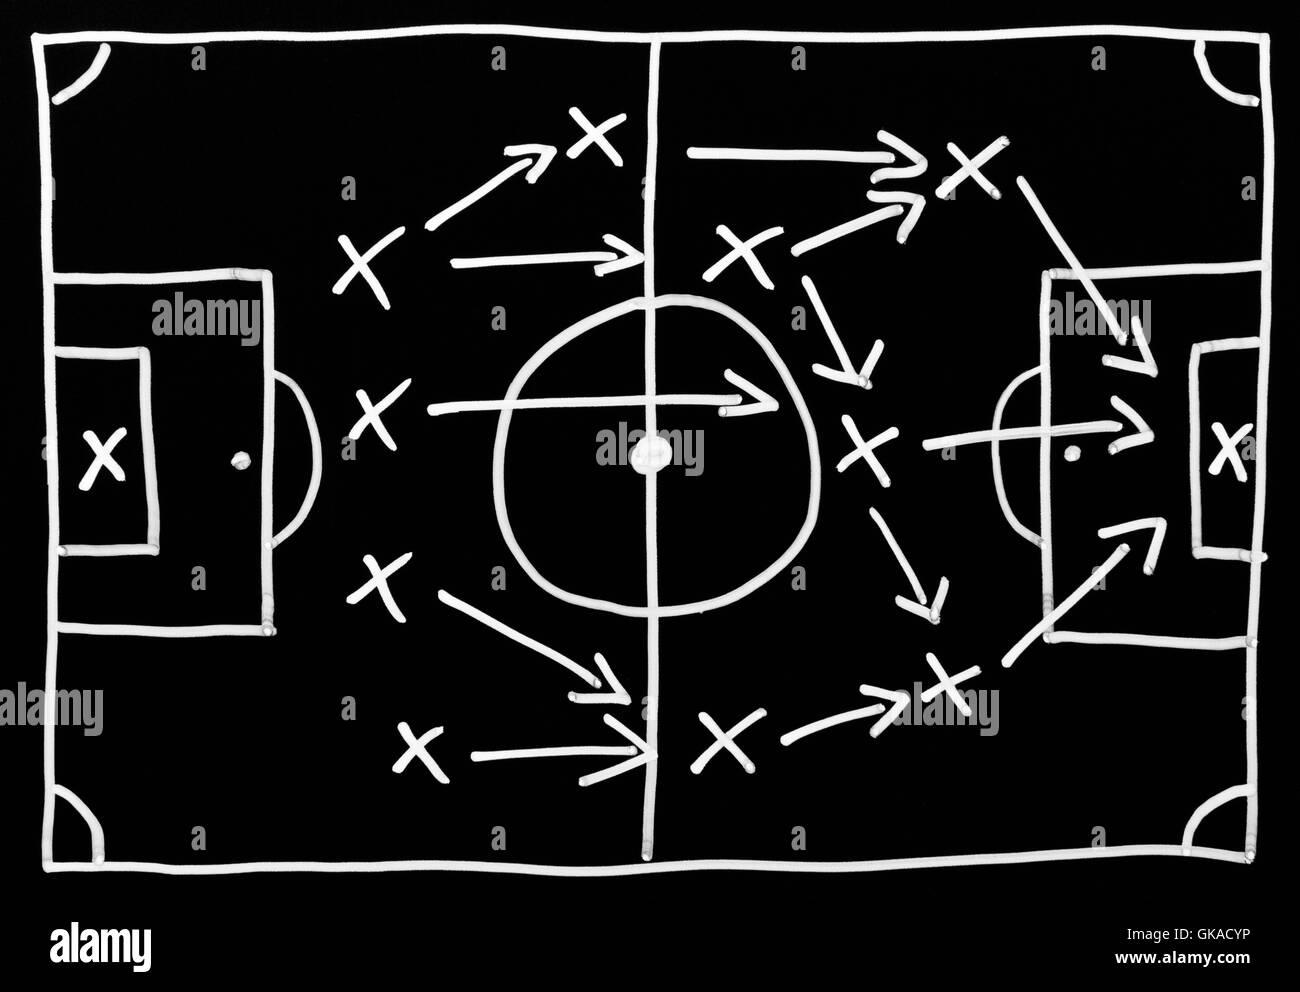 soccer tactics - soccer tactics - Stock Image